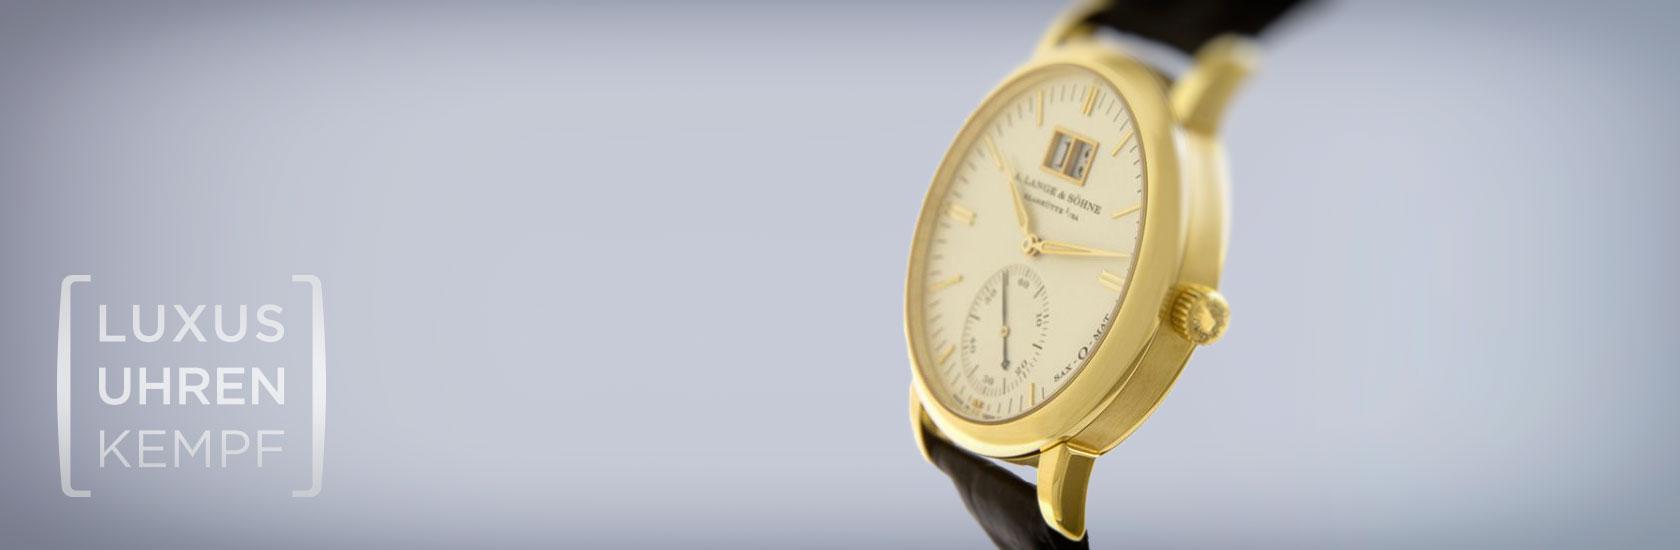 Luxusuhren Kempf - Ankauf von gebrauchten A. Lange & Söhne Uhren